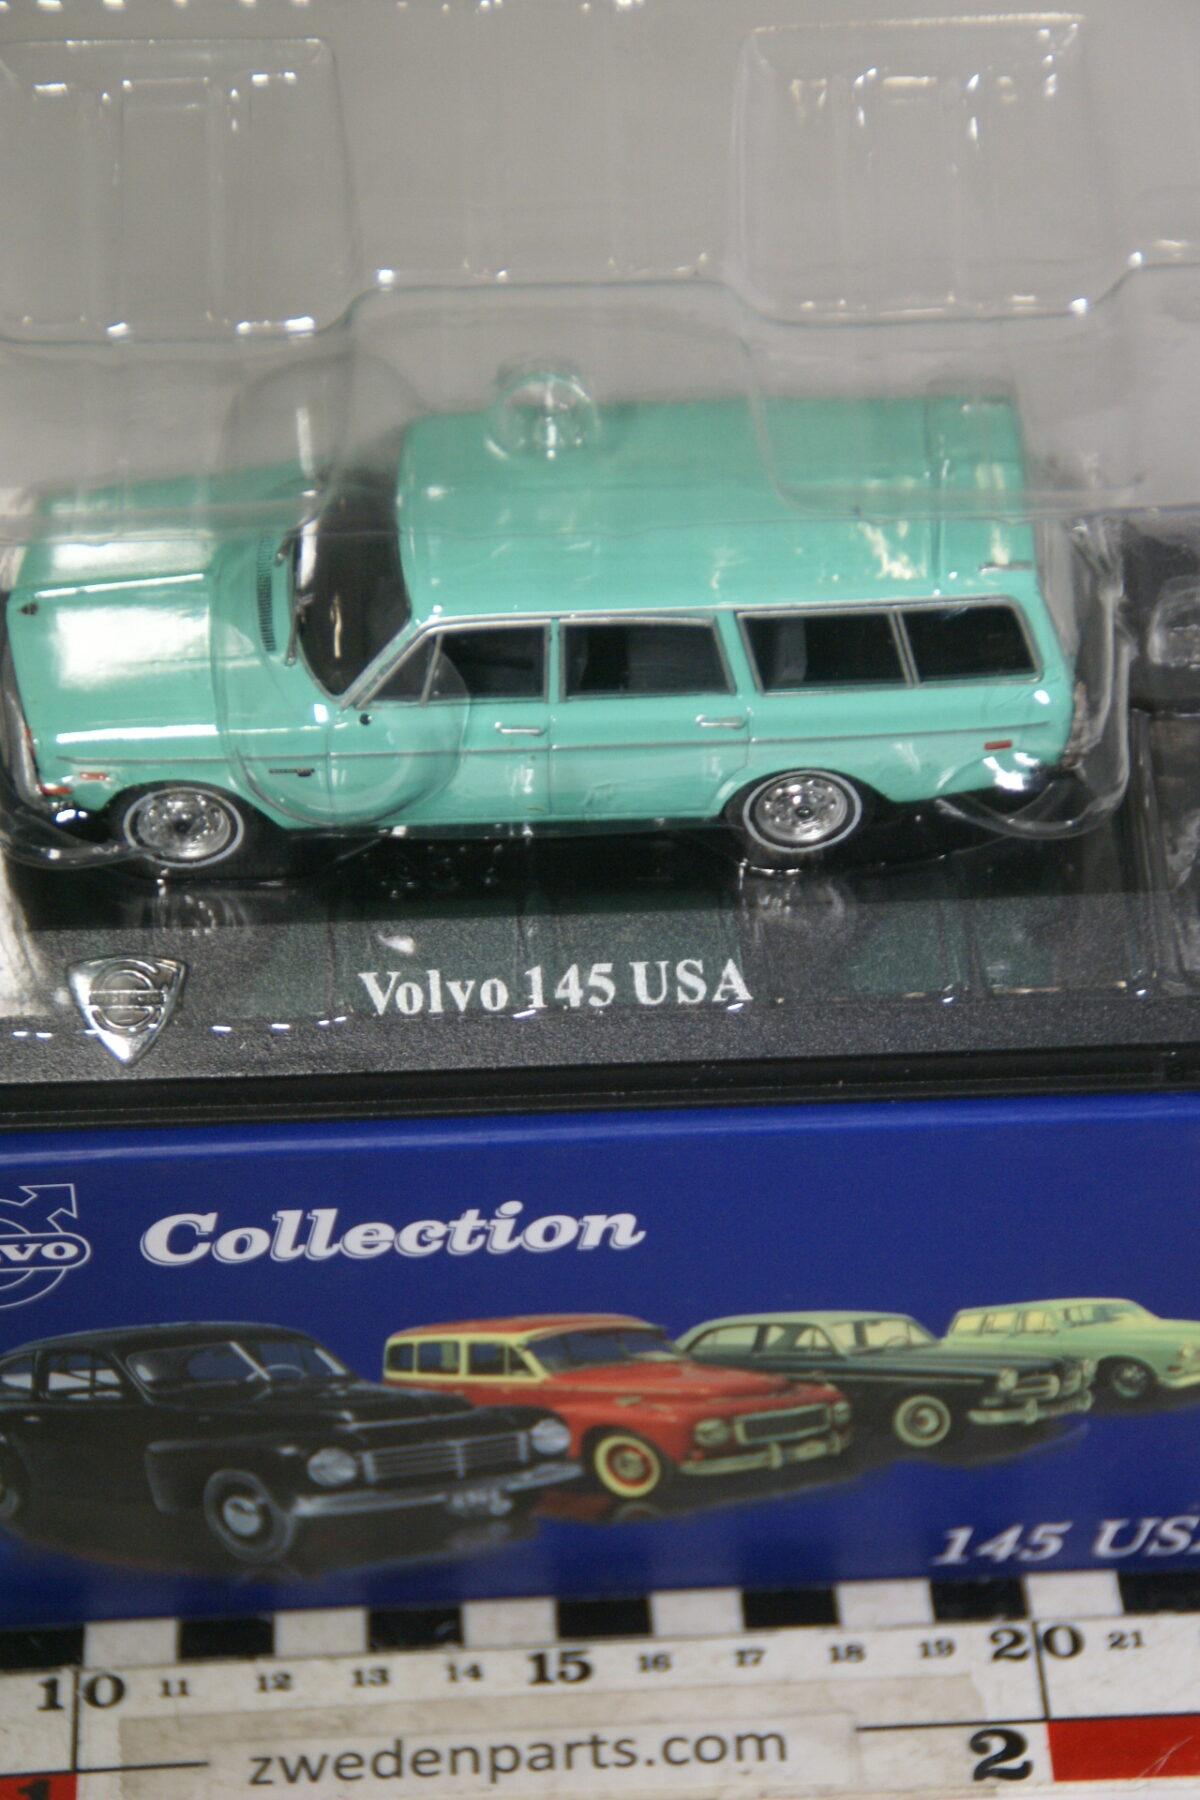 DSC00515 miniatuur Volvo 145 USA lichtgroen 1op43 Atlas 64 nieuw in originele verpakking-ad119736